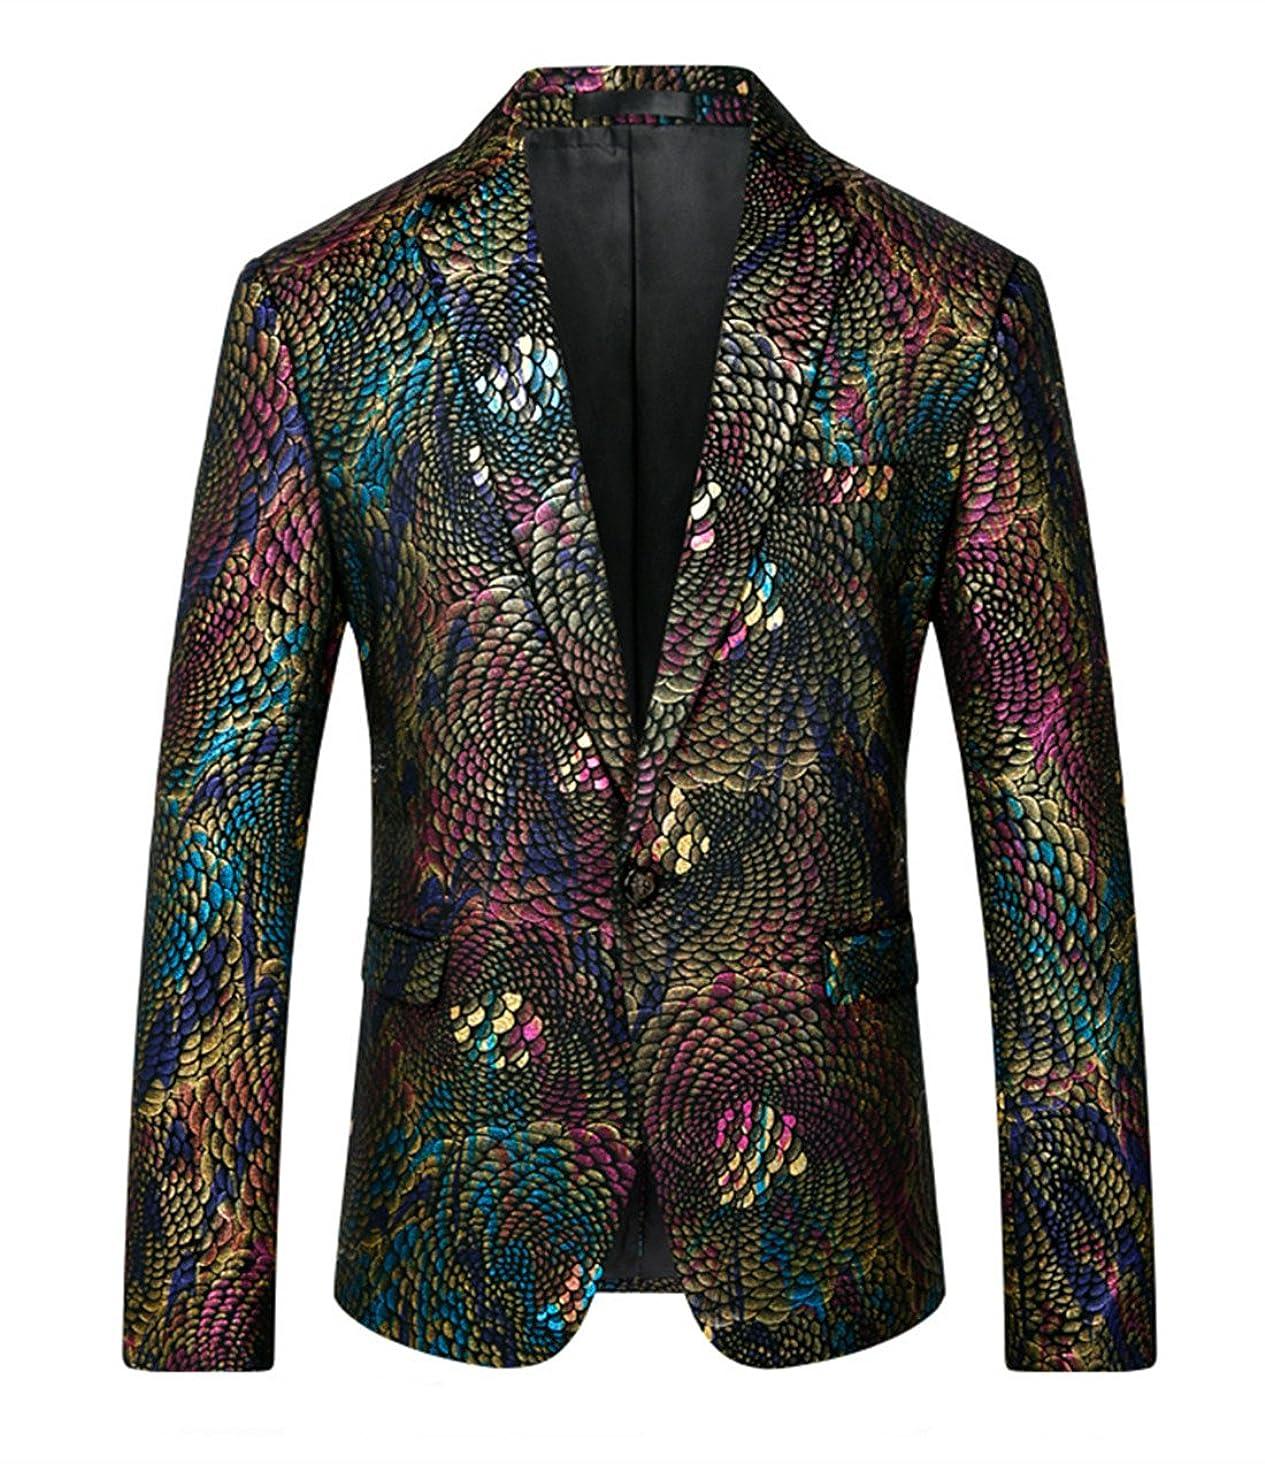 MOGU Mens Fashion Printed Unique Blazers Sport Jacket